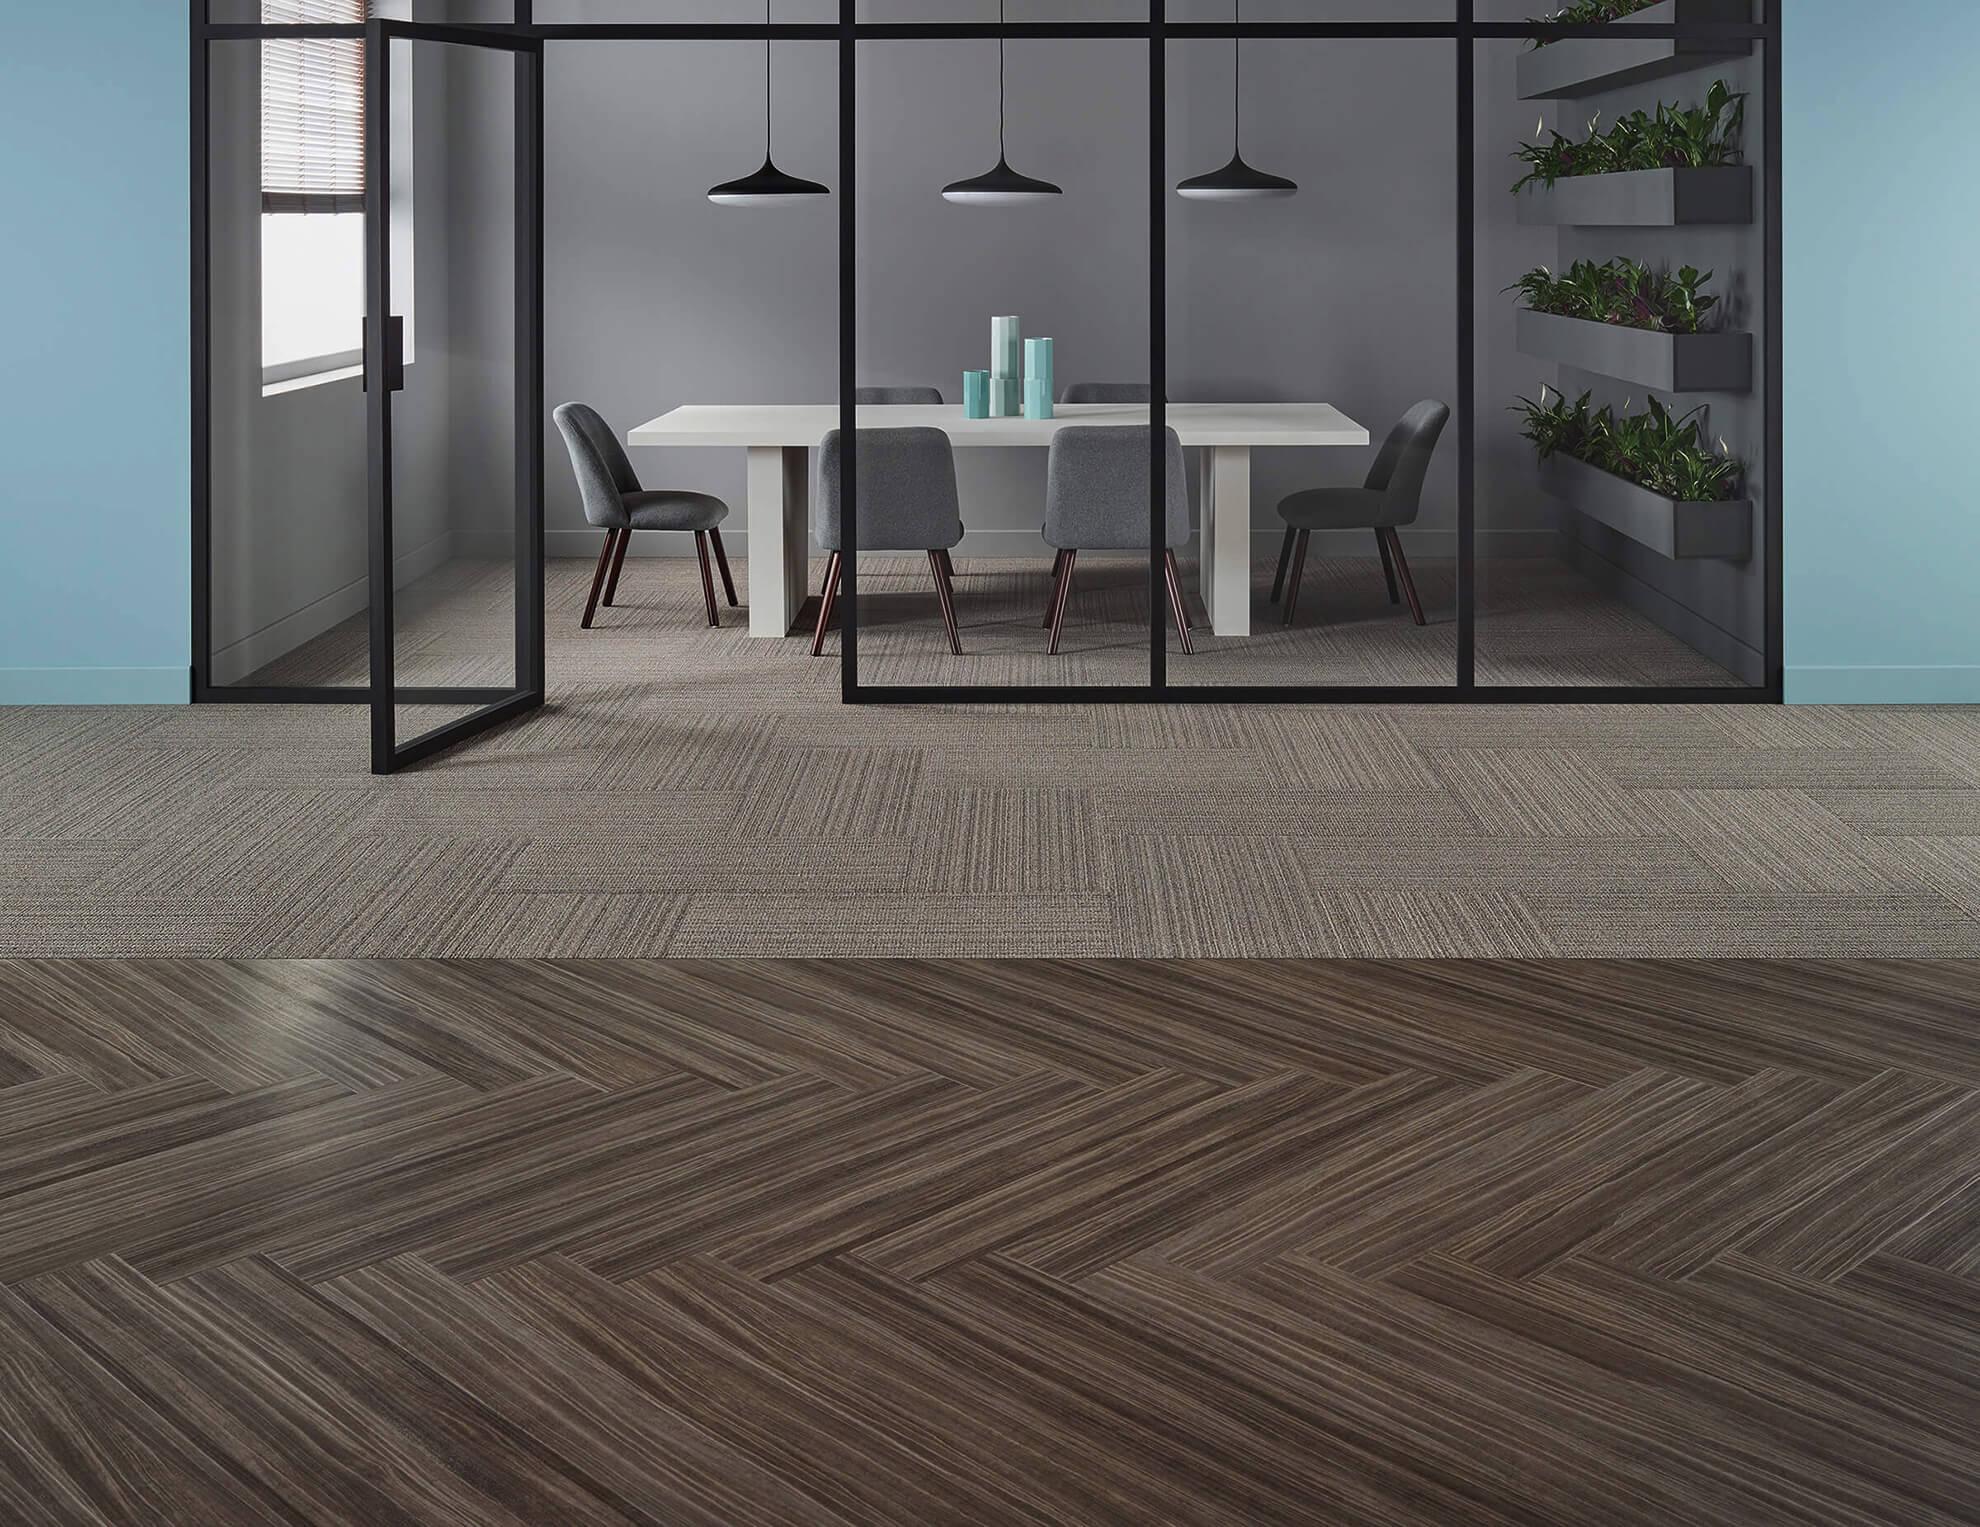 DUBE Fußbodentechnik